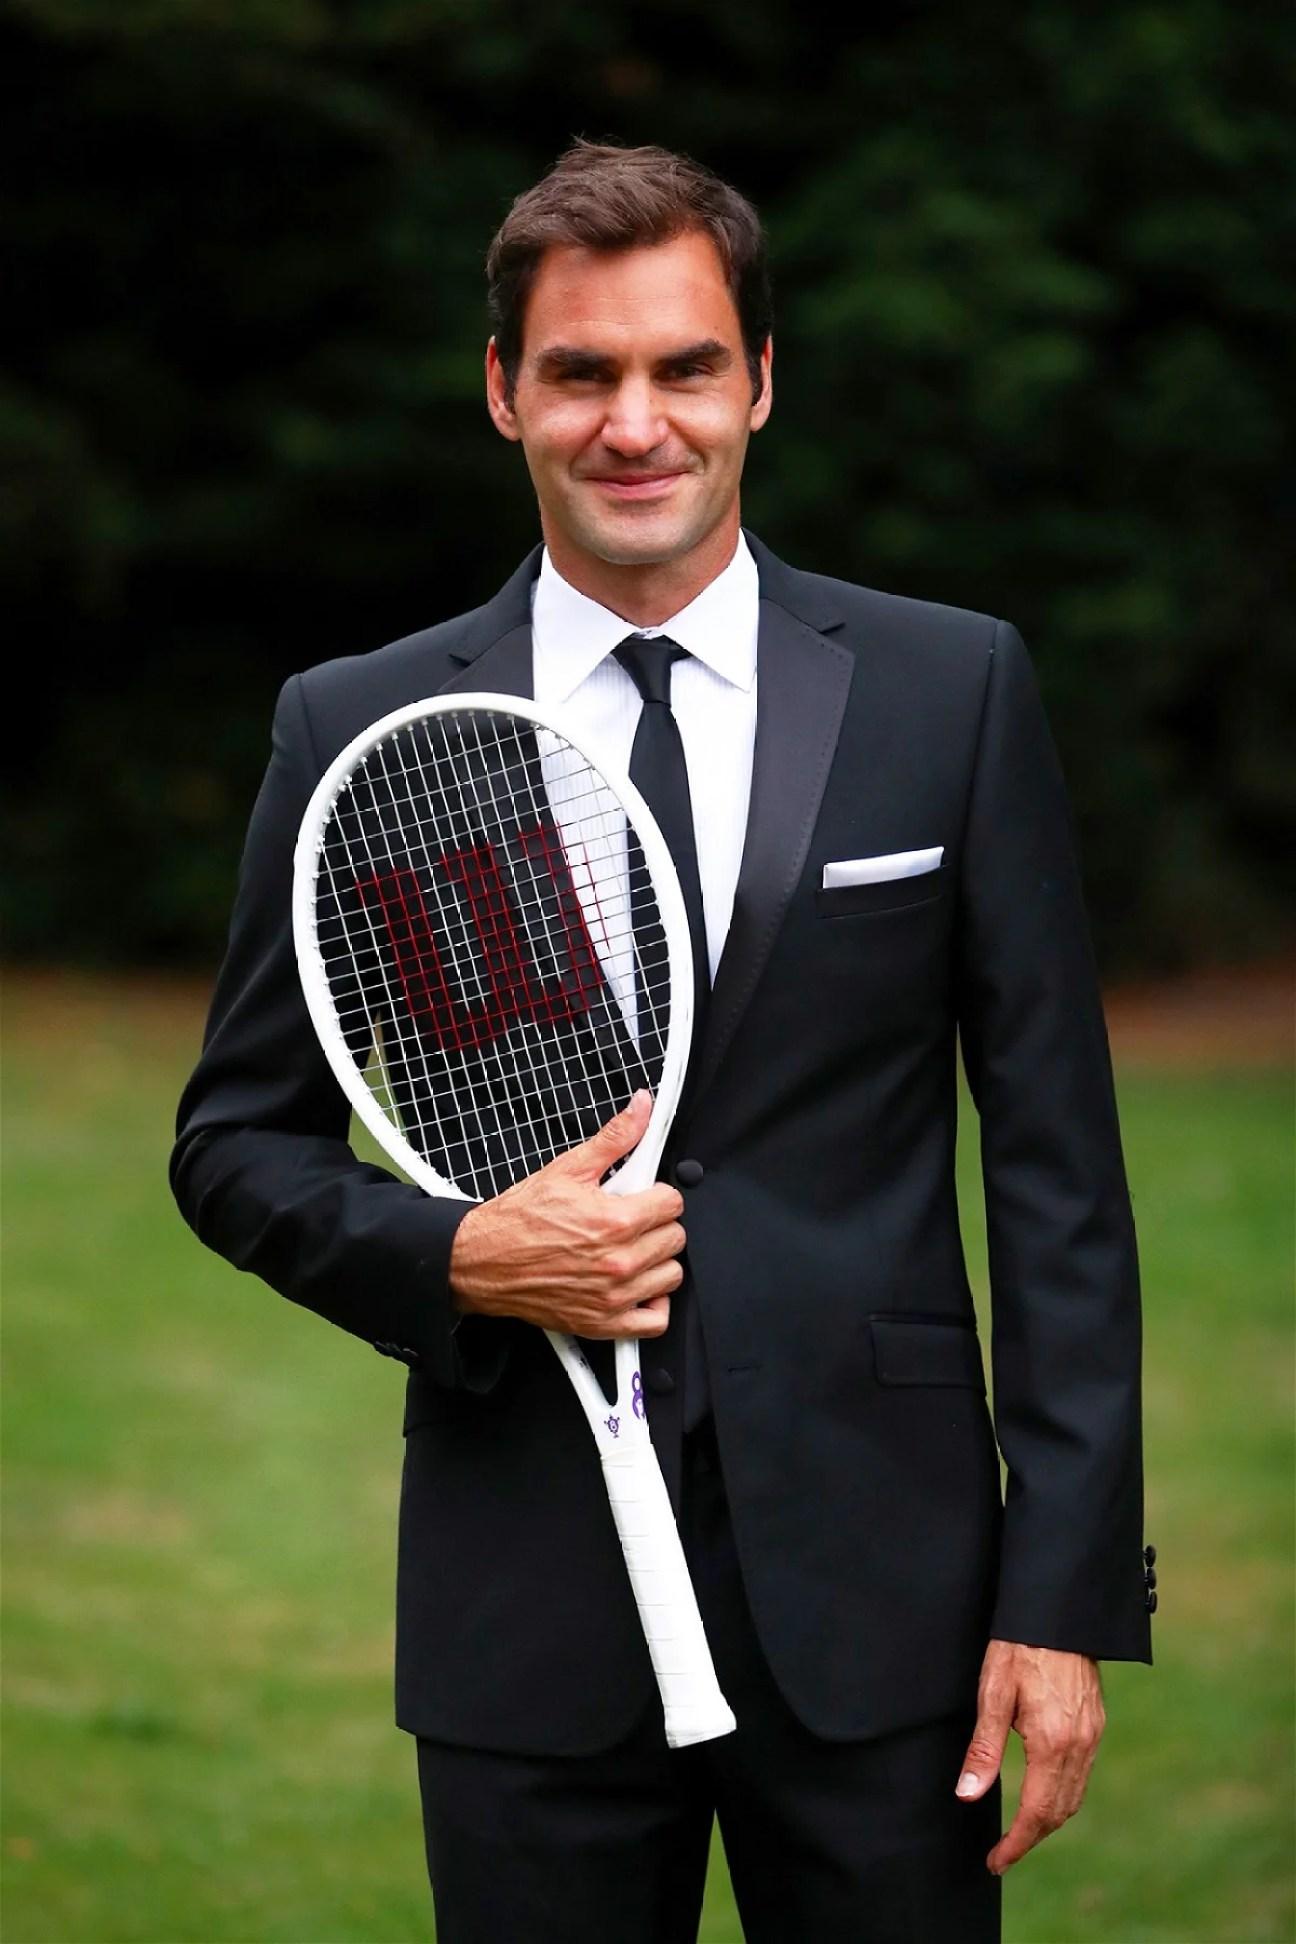 Roger Federer un ejemplo dentro y fuera de la cancha